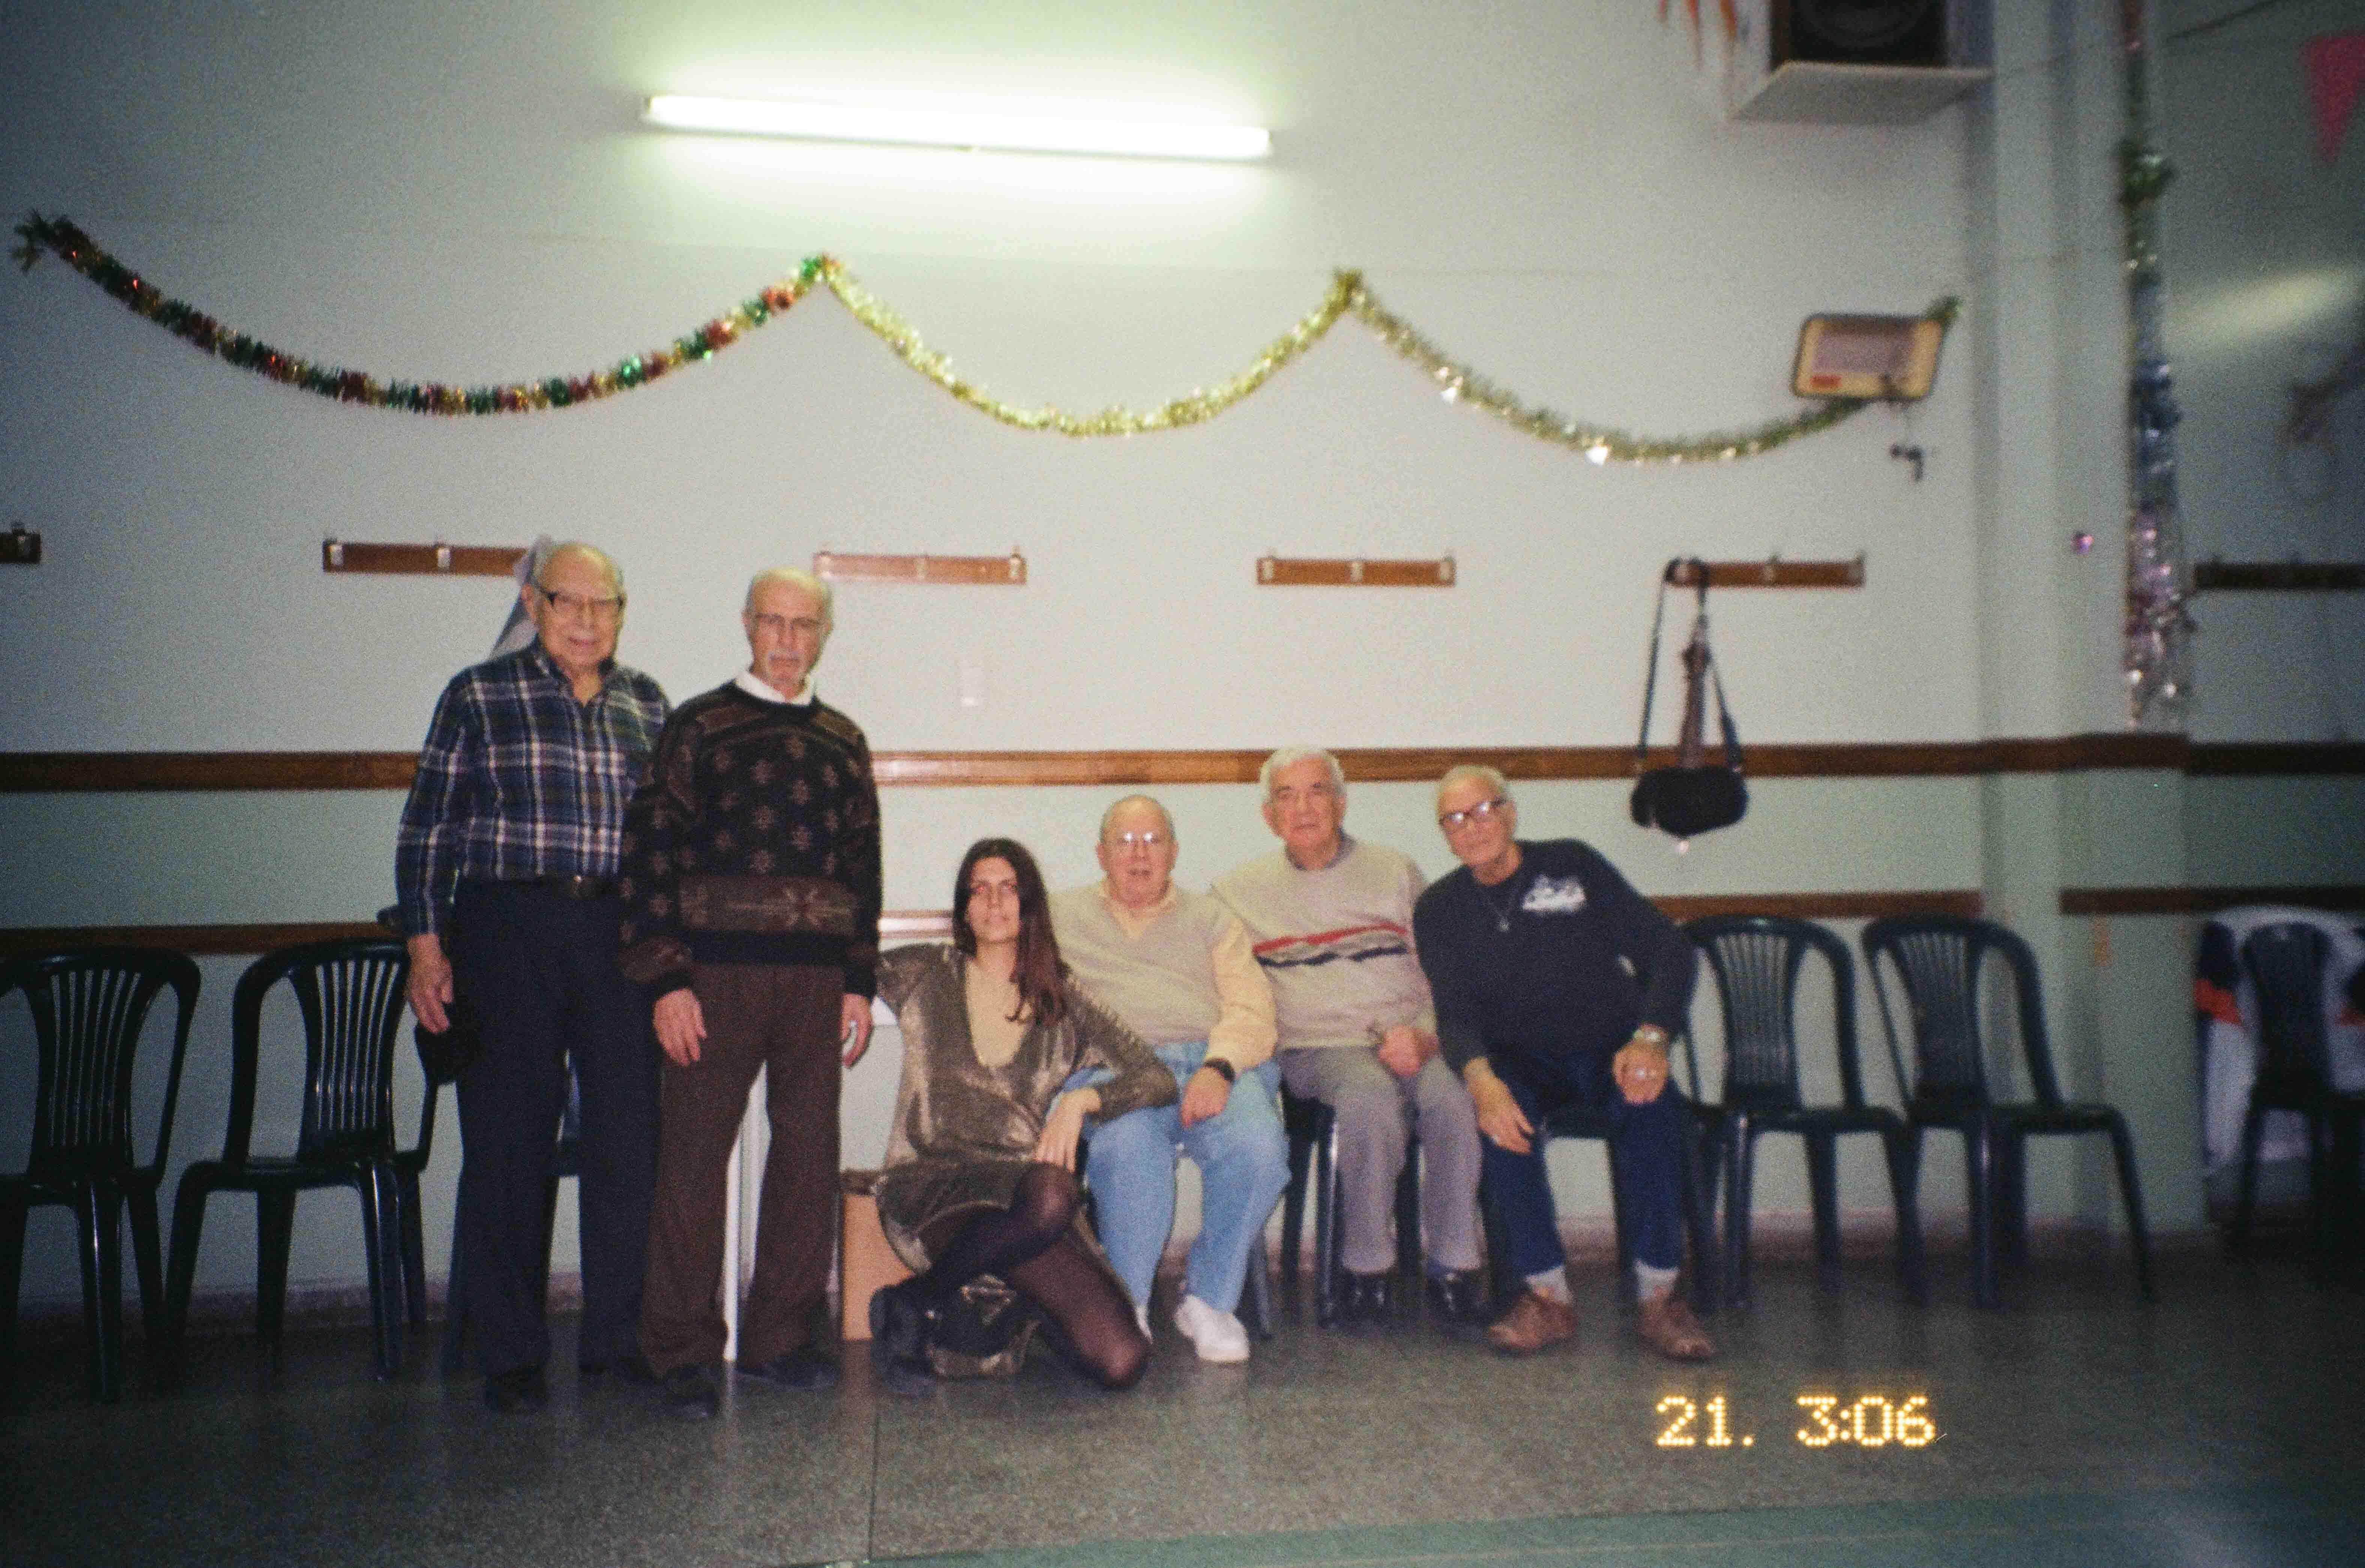 4 Viejos los viejos jodidos - virginiafrancia